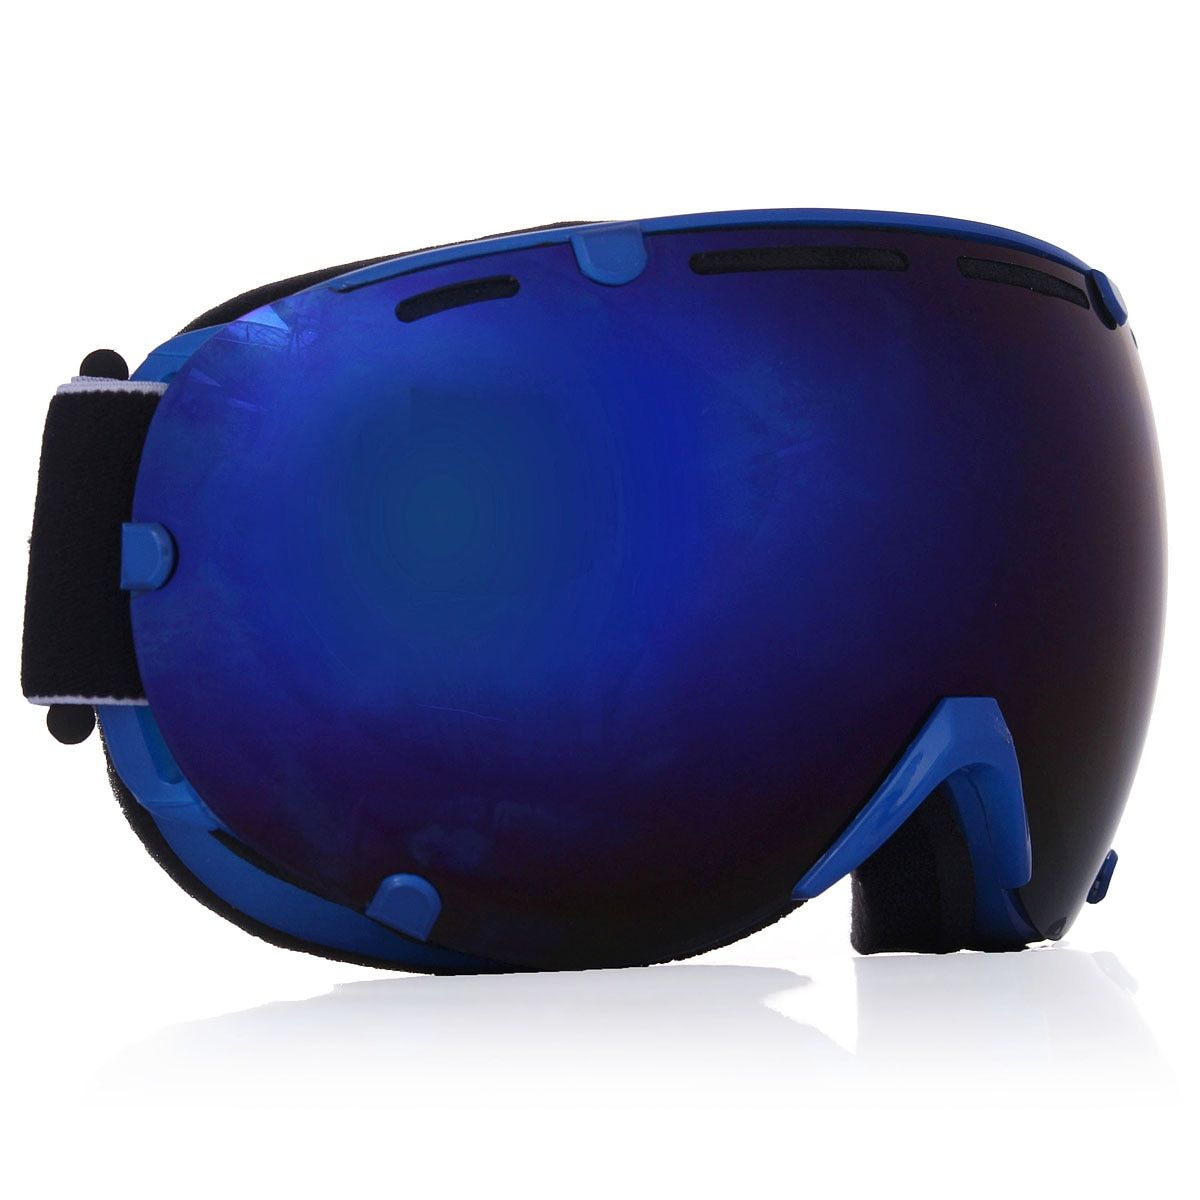 4 Цвета Профессиональные унисекс для взрослых Сноуборд горнолыжные очки Анти-туман УФ Двойной объектив Стекло Очки для лыжного спорта